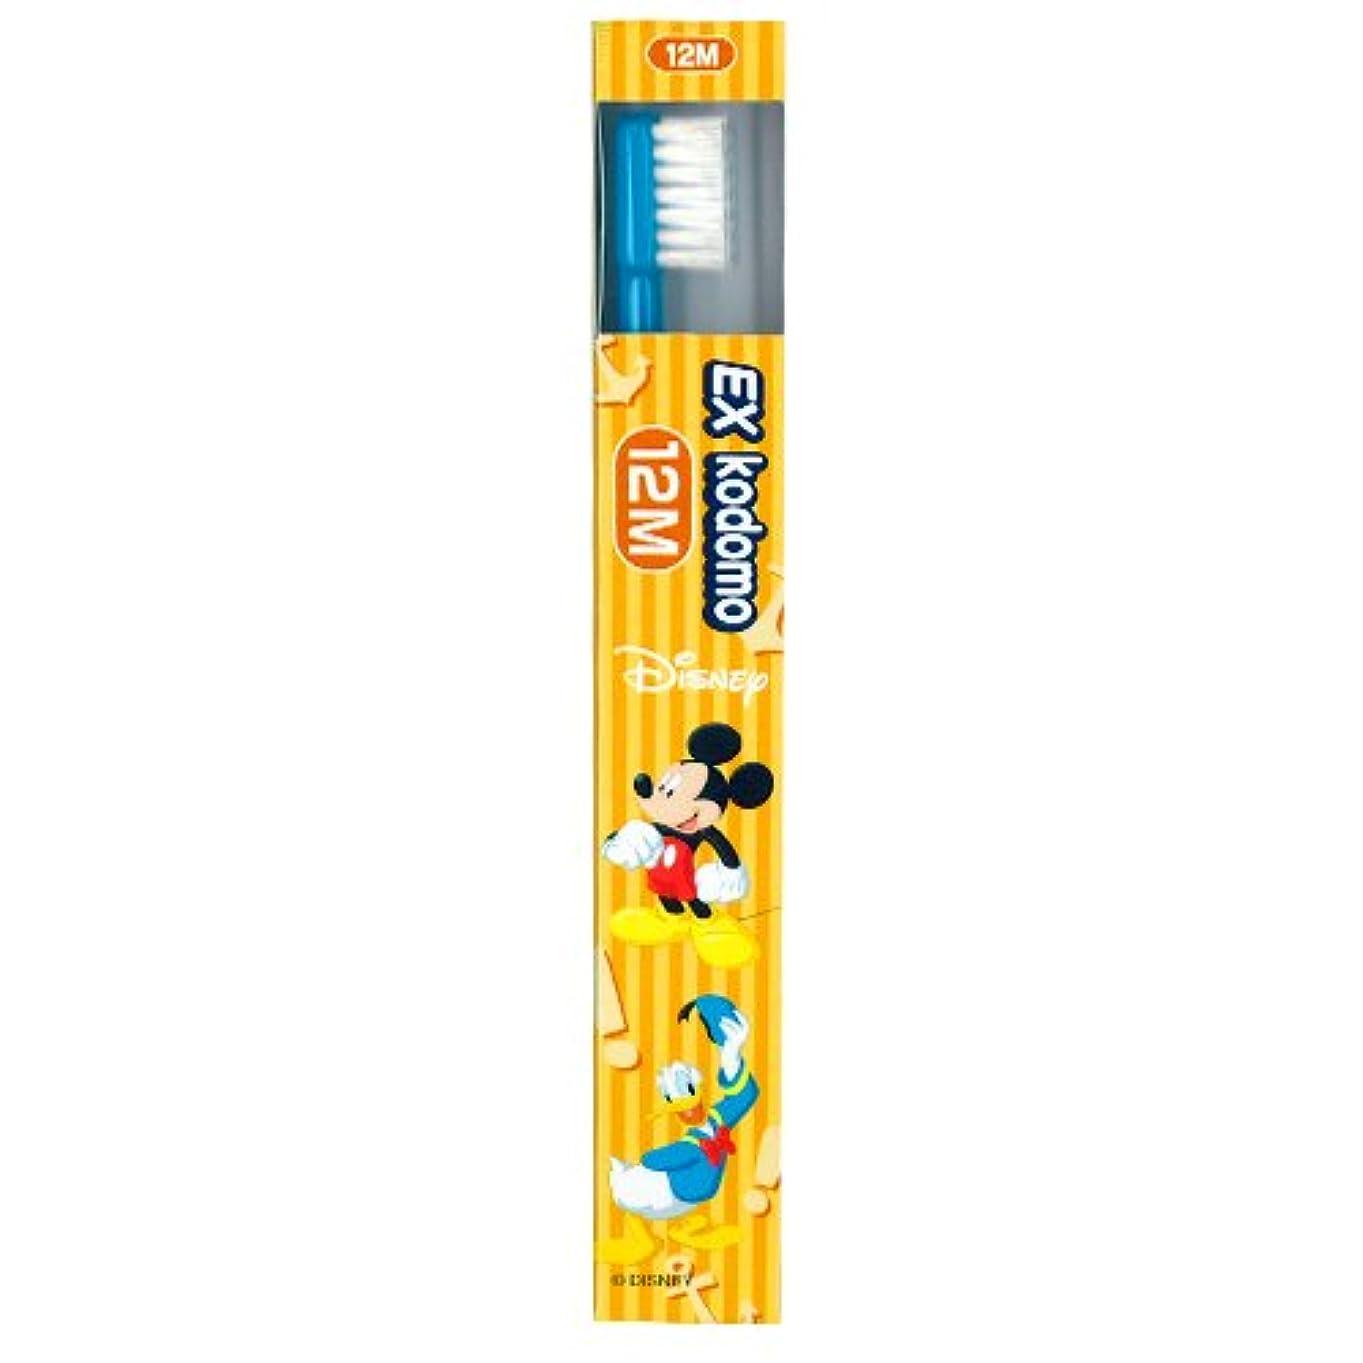 大統領批判考えライオン EX kodomo ディズニー 歯ブラシ 1本 12M ブルー